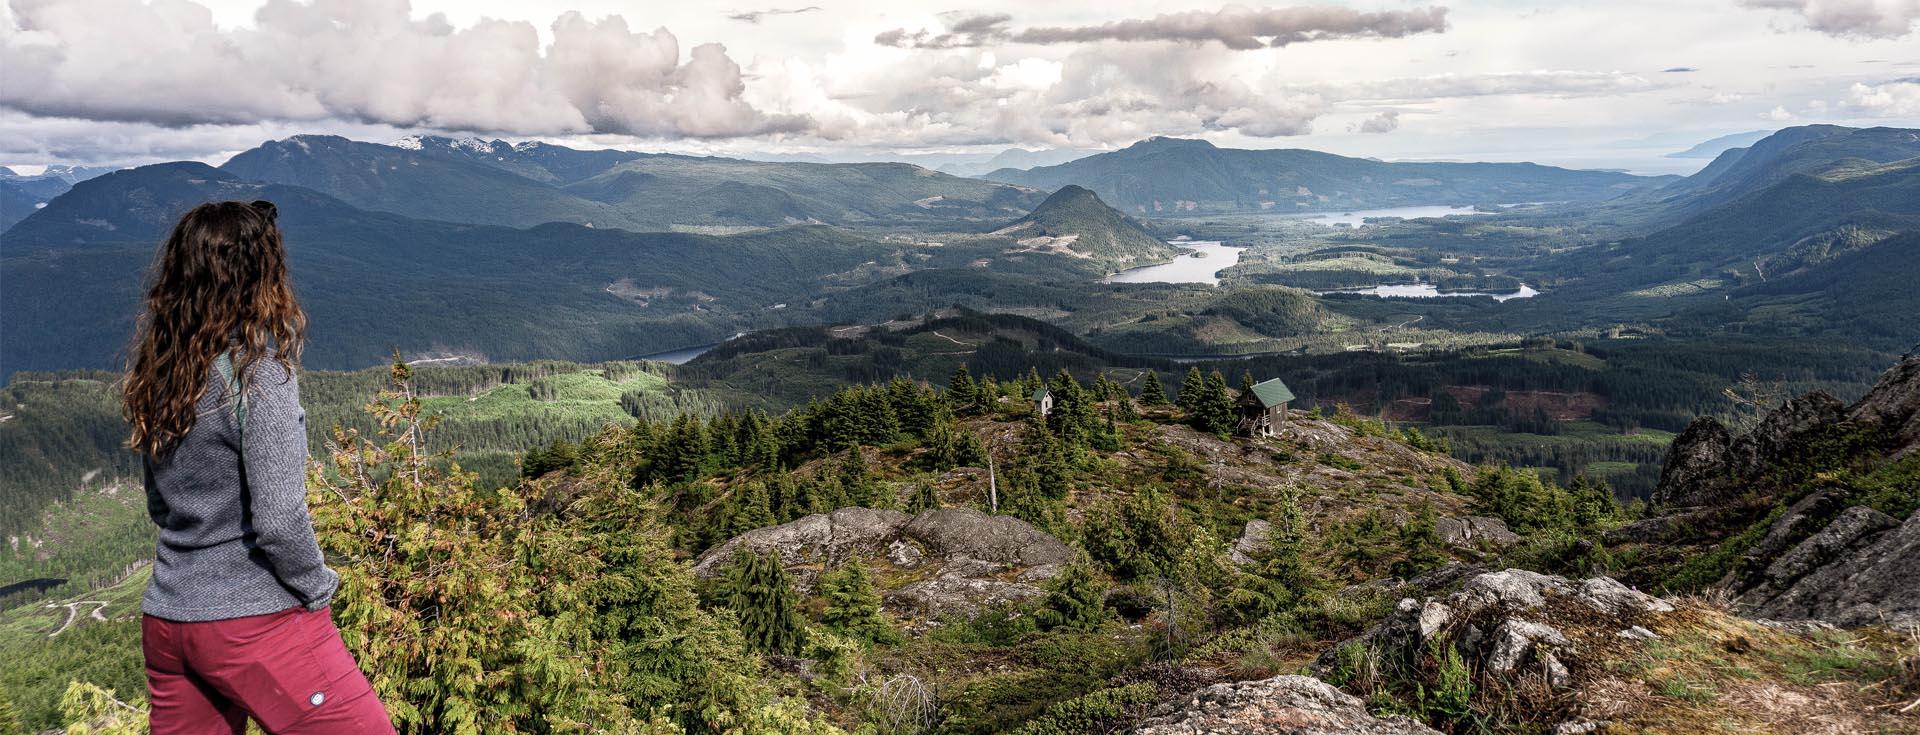 Tin Hat Mountain